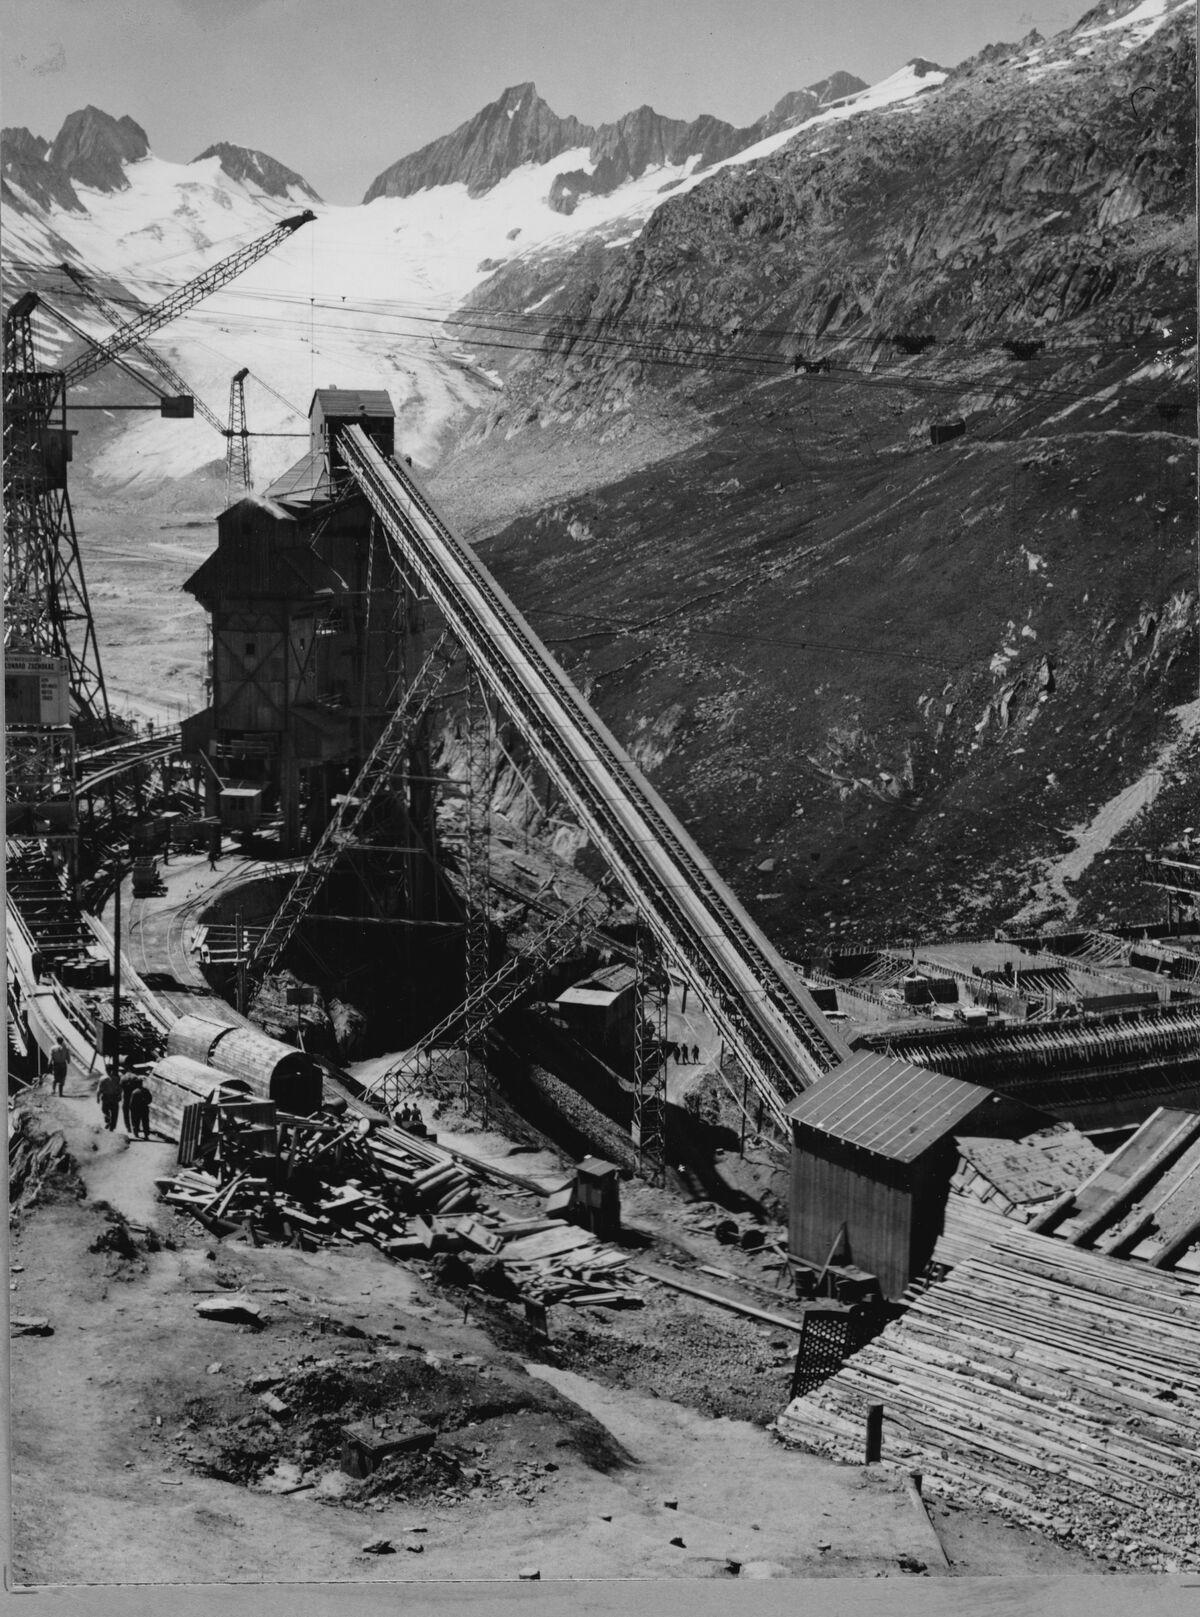 GFA 20/135.195: Stahl- und Brückenbau: Stahlbau Transportbahnbrücke Oberaar